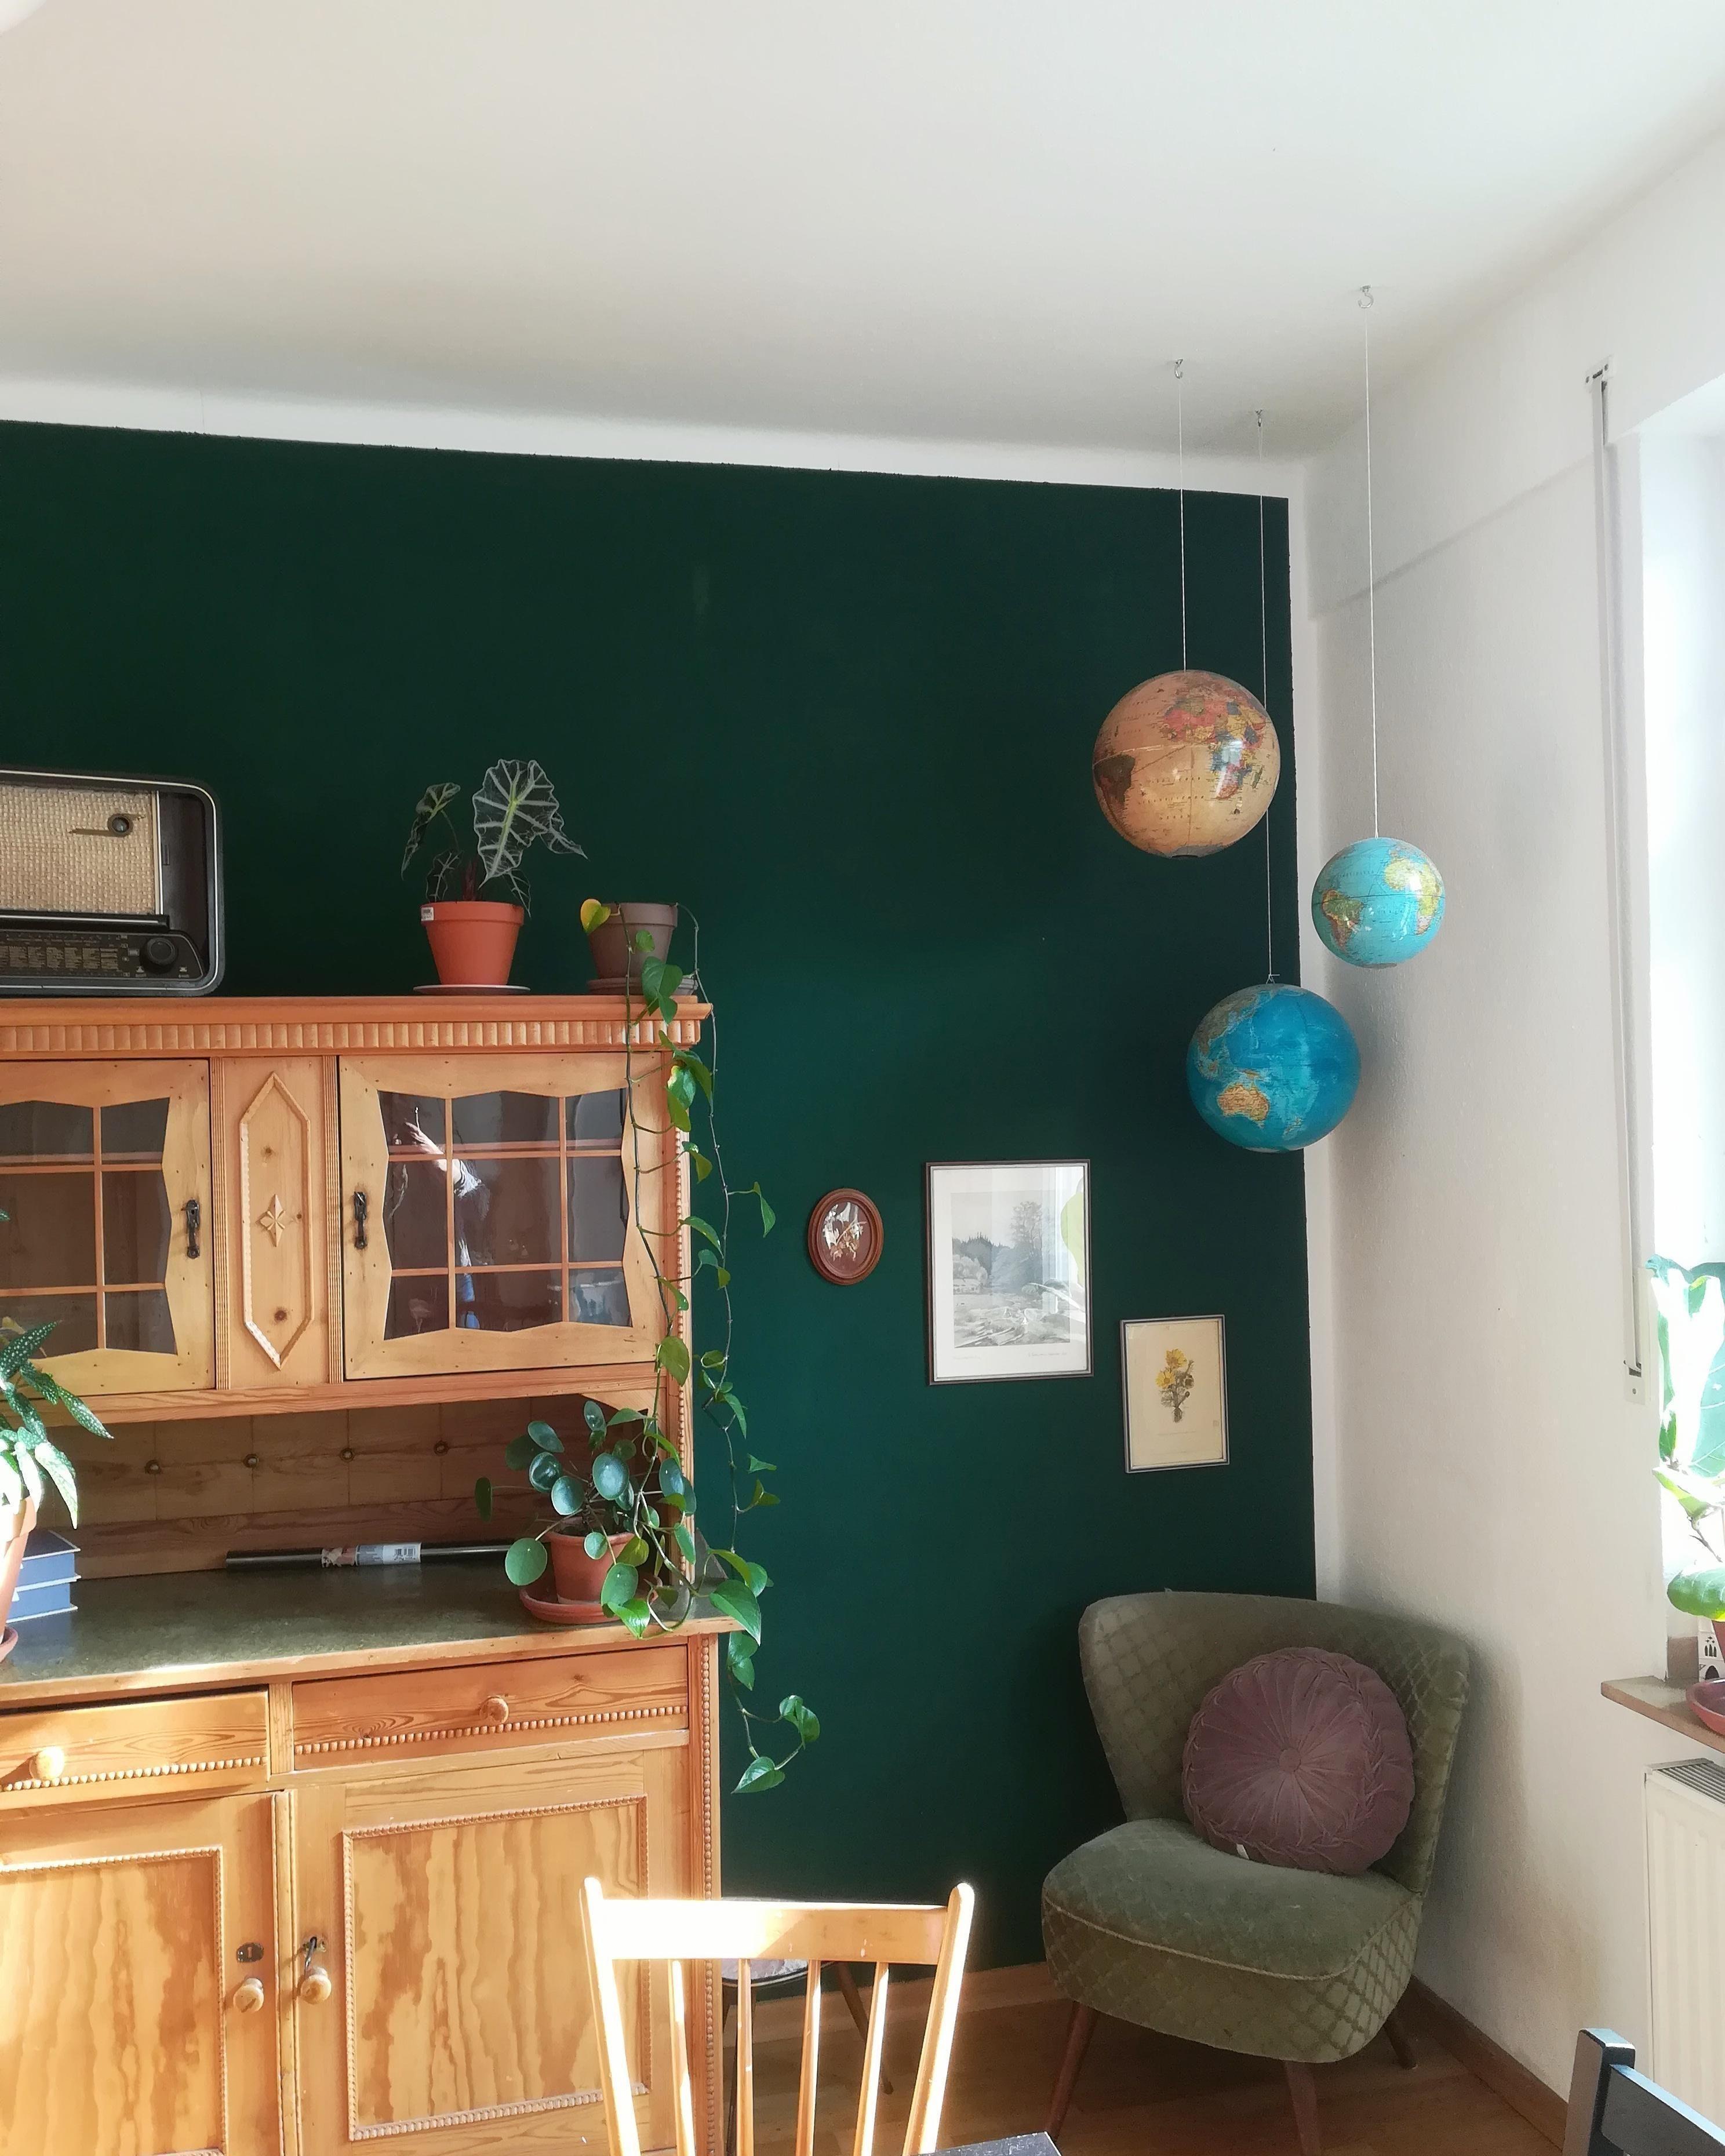 Irgendeine Idee Ein Vorhaben Schlummert Eigentlich Wohnzimmer Einrichten Wandfarbe Wohnzimmer Einrichtungsideen Wohnzimmer Farbe